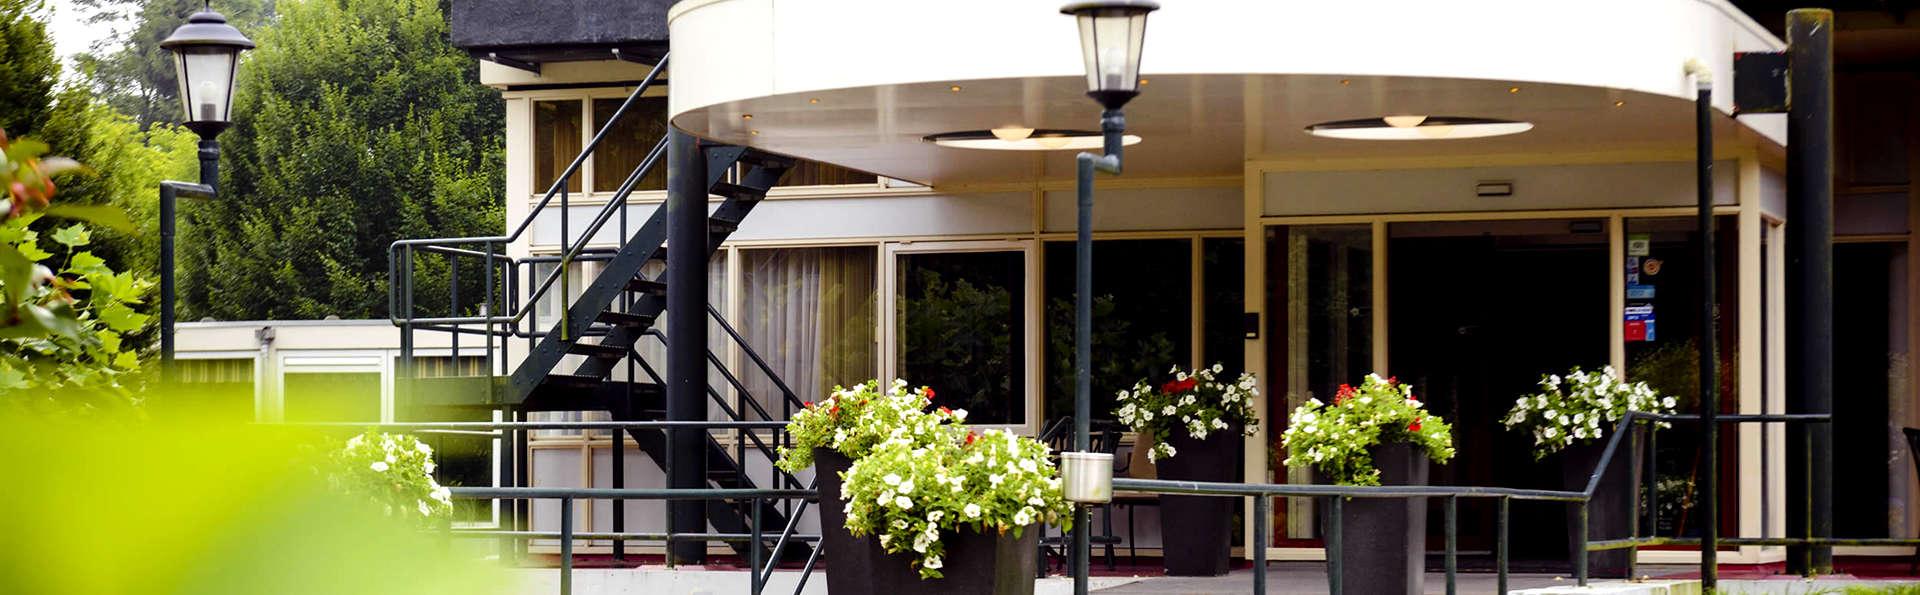 Fletcher Hotel Restaurant Beekbergen-Apeldoorn - Edit_Entrance.jpg